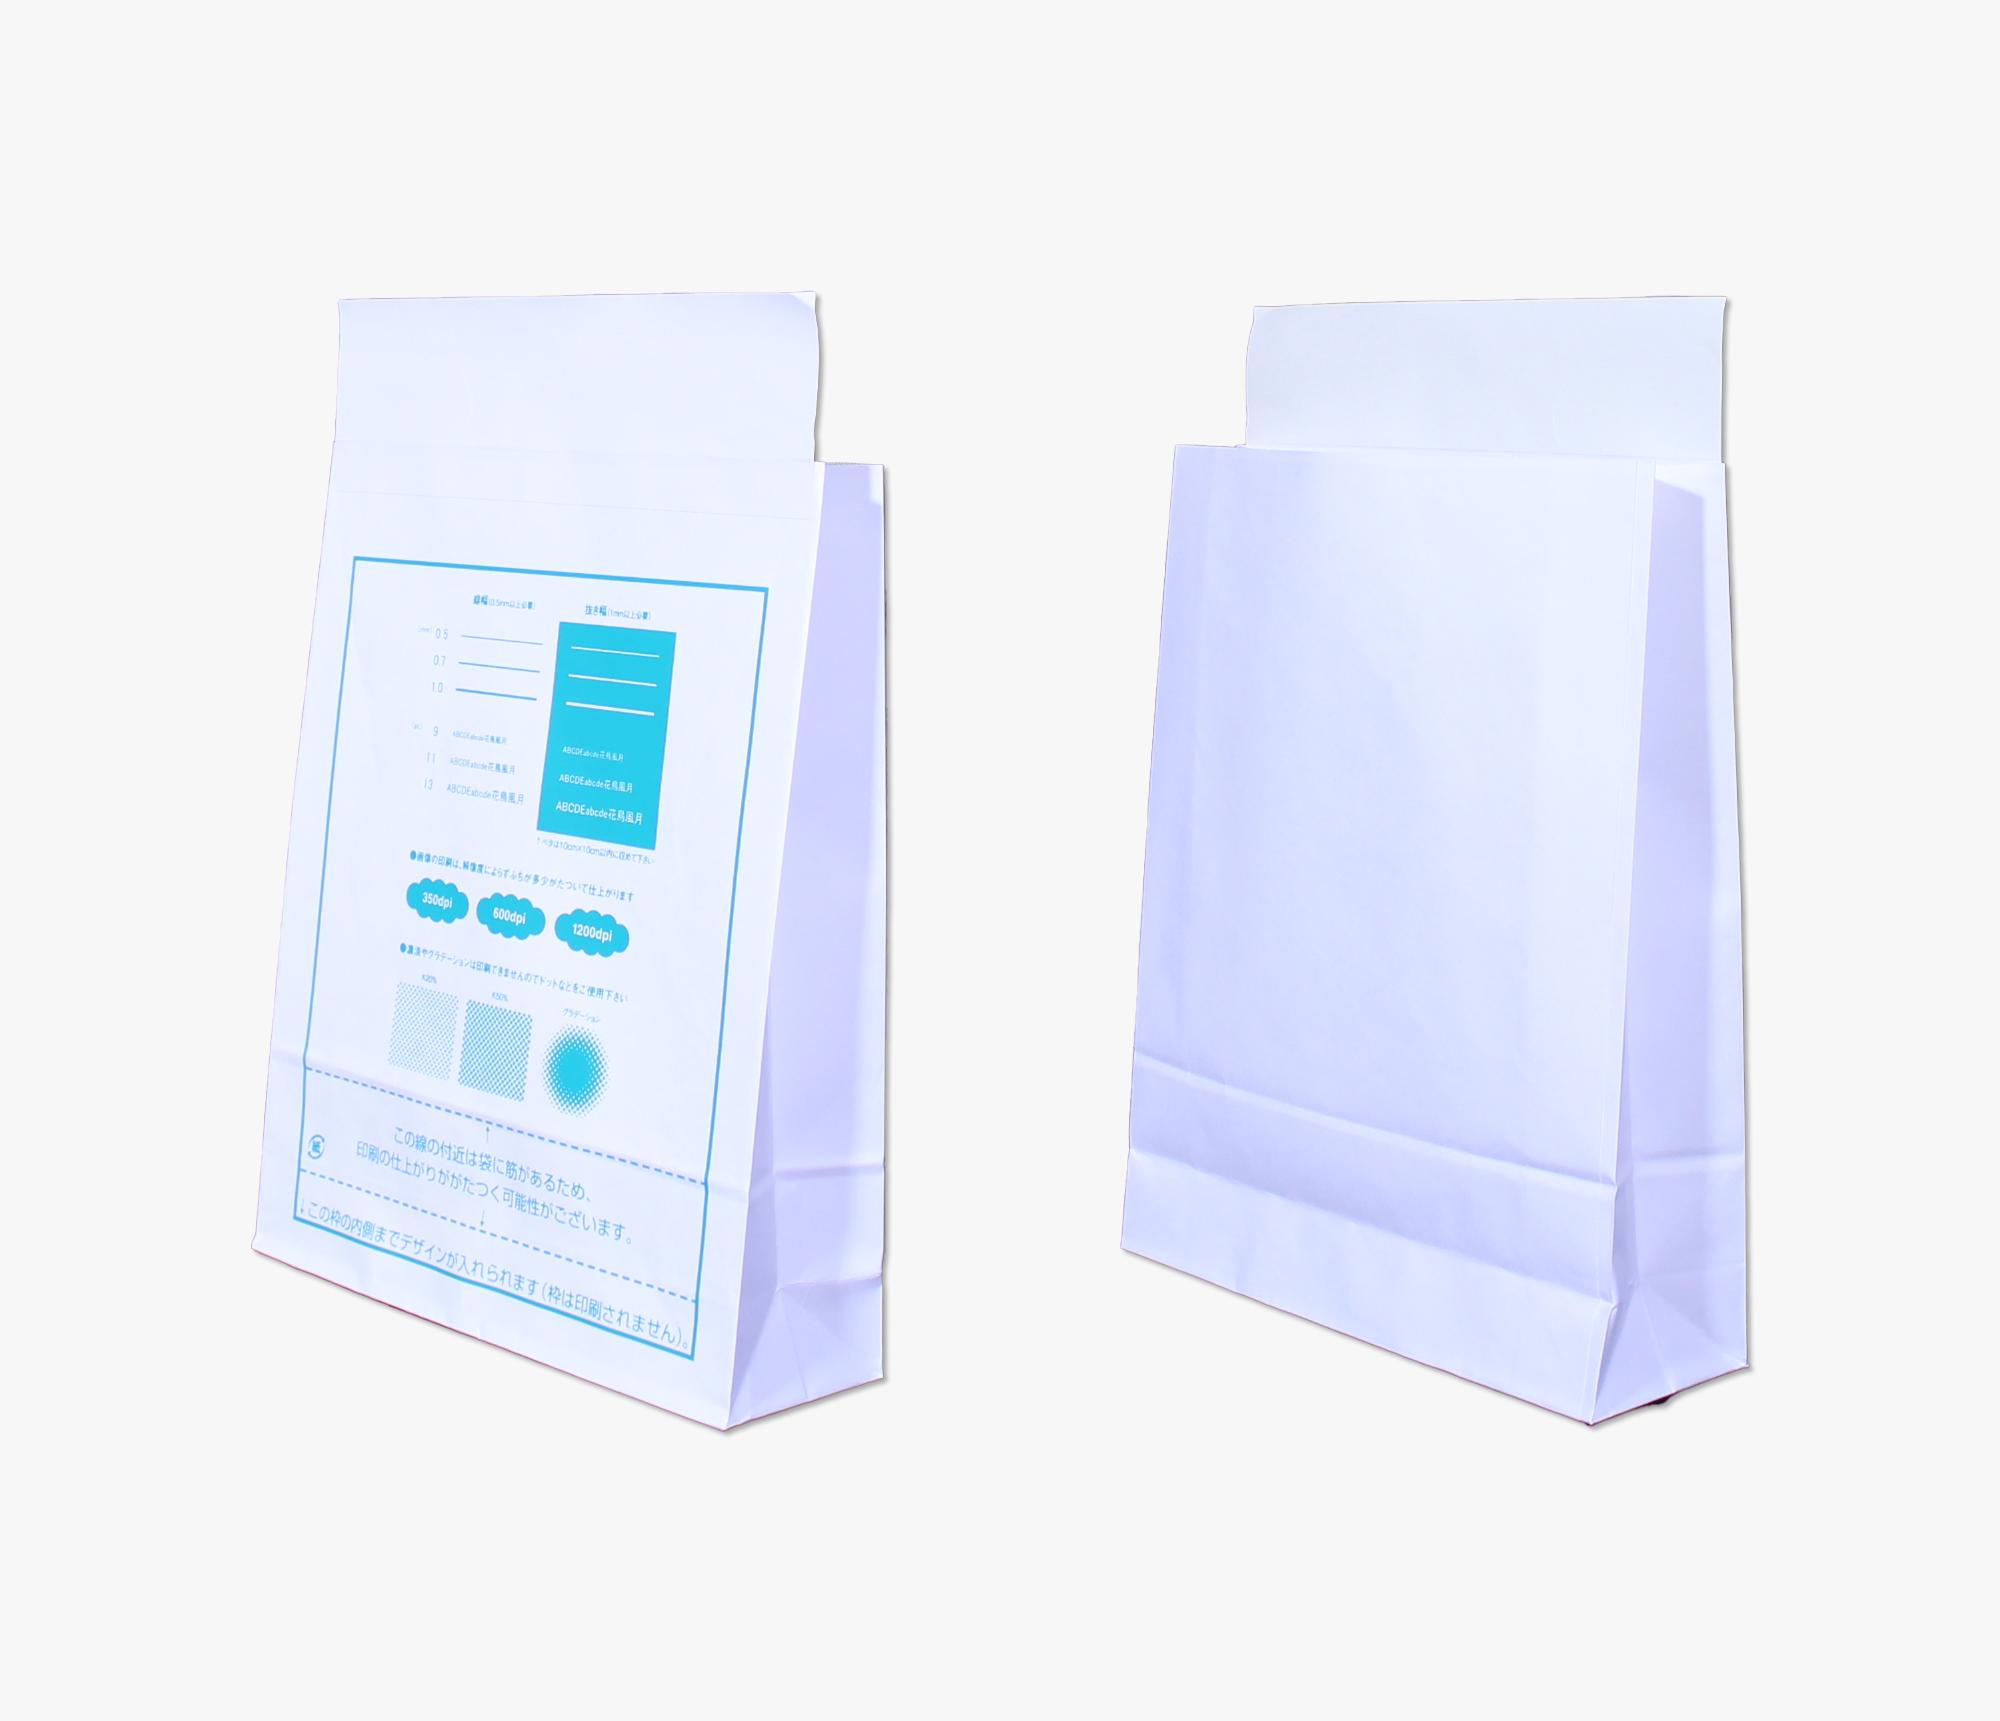 ワンポイント宅配紙袋(片艶晒クラフト)Sサイズのサンプルイメージ画像2